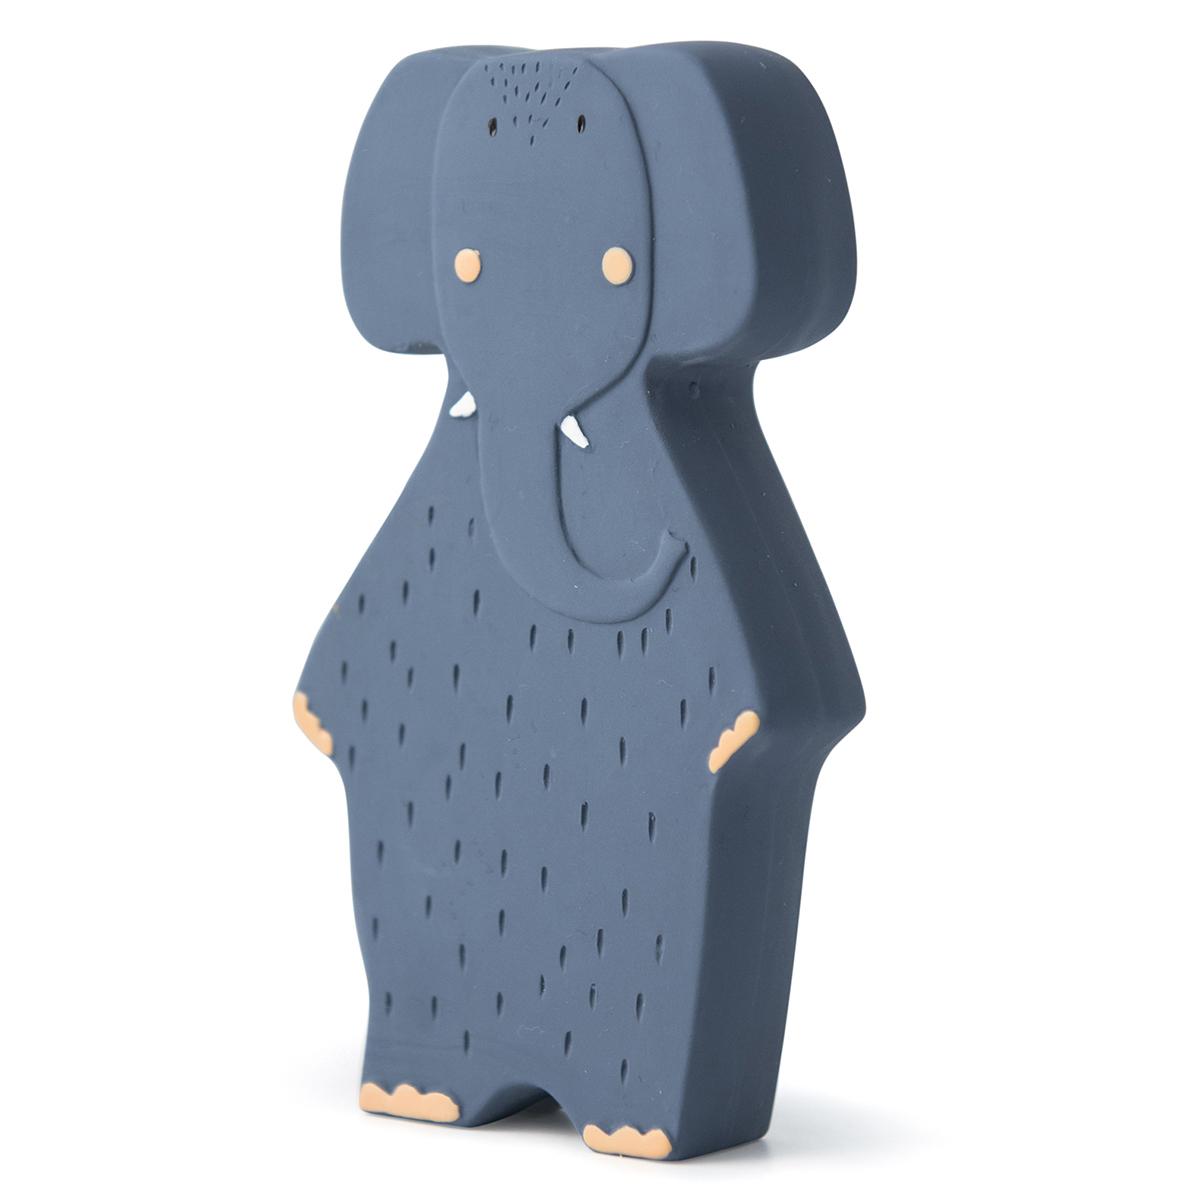 Dentition Jouet en Caoutchouc Naturel - Mrs. Elephant Jouet en Caoutchouc Naturel - Mrs. Elephant